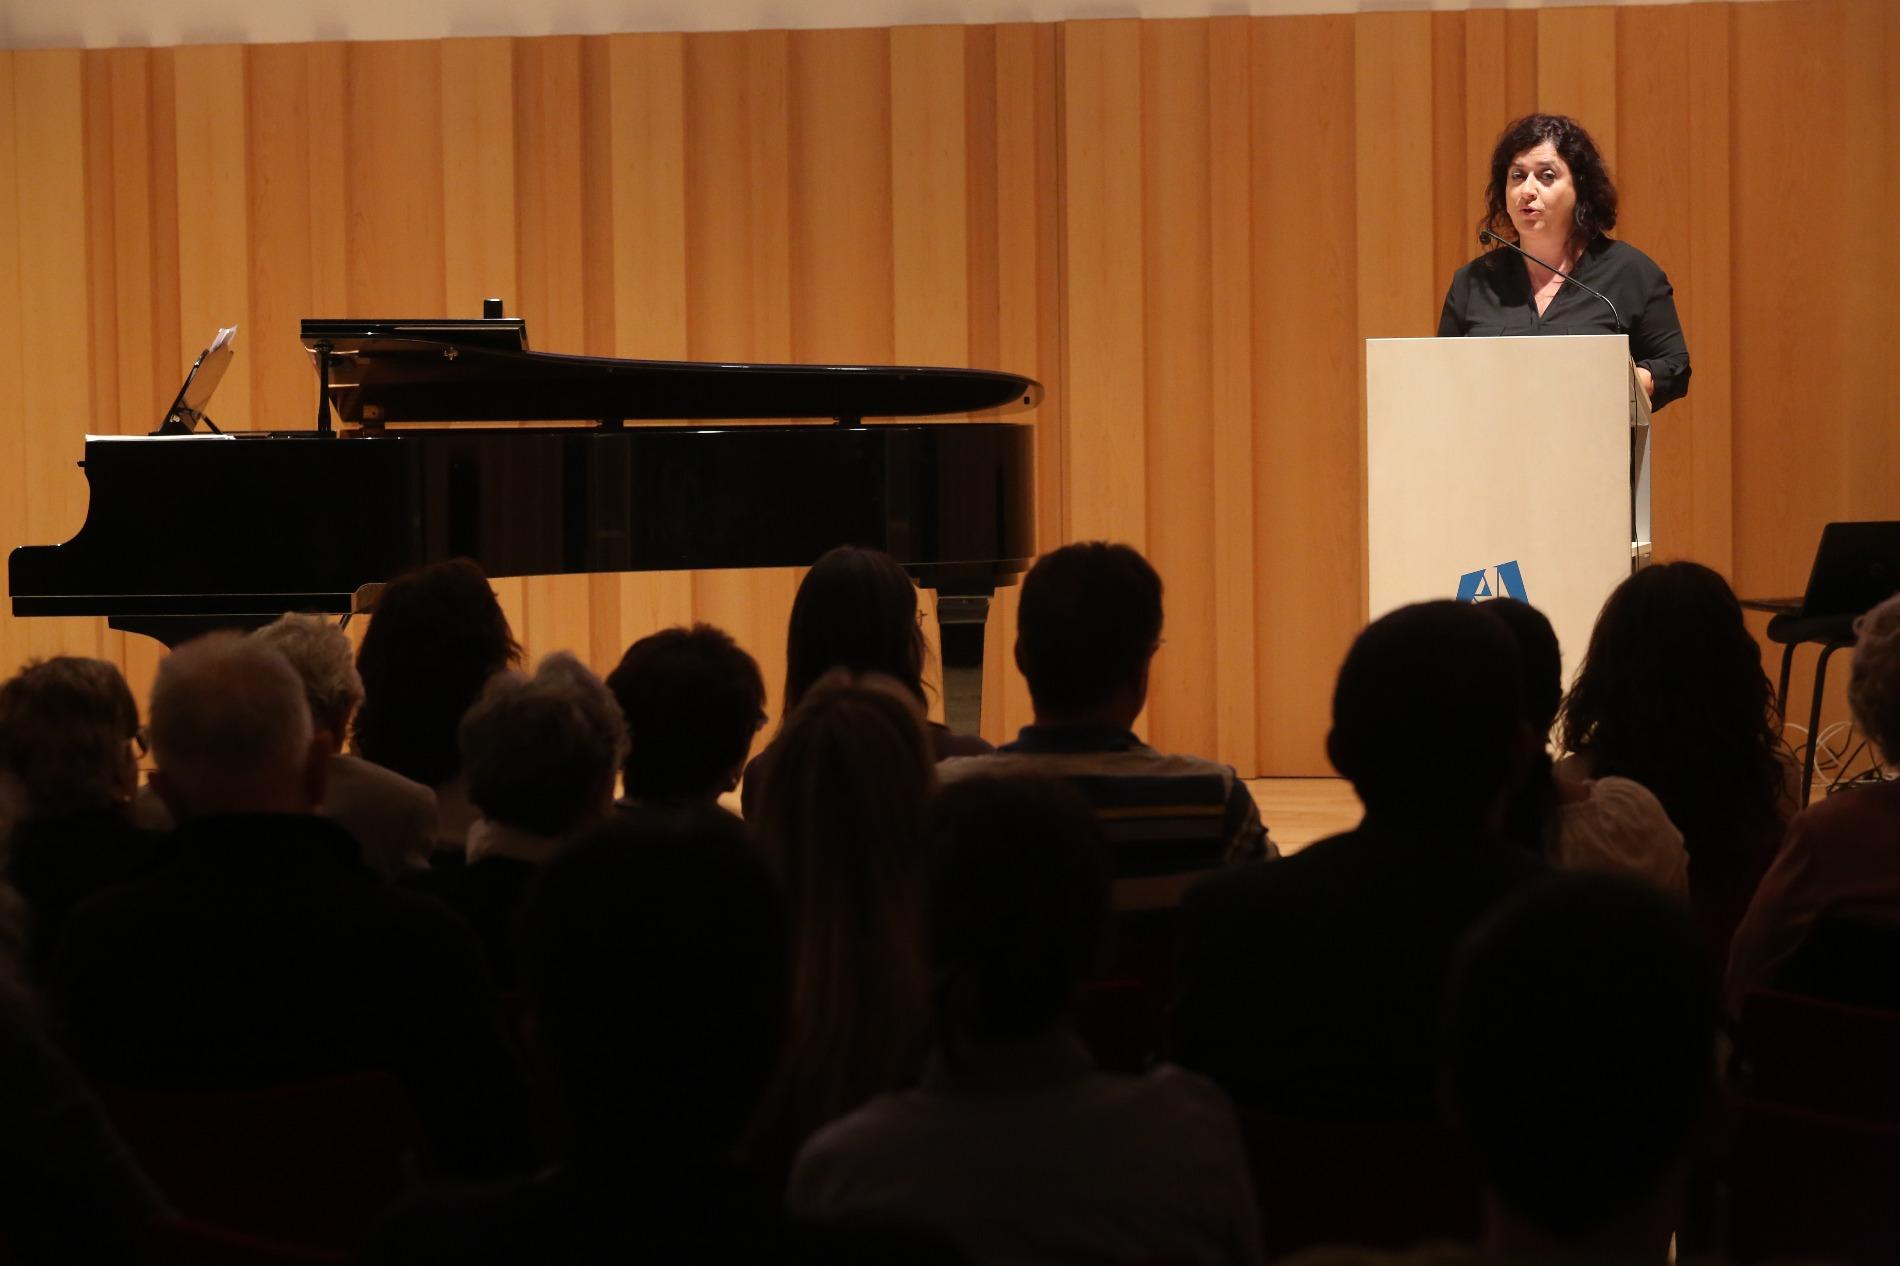 Montse Catllà directora de l'Escola de Música en la presentació de la beca